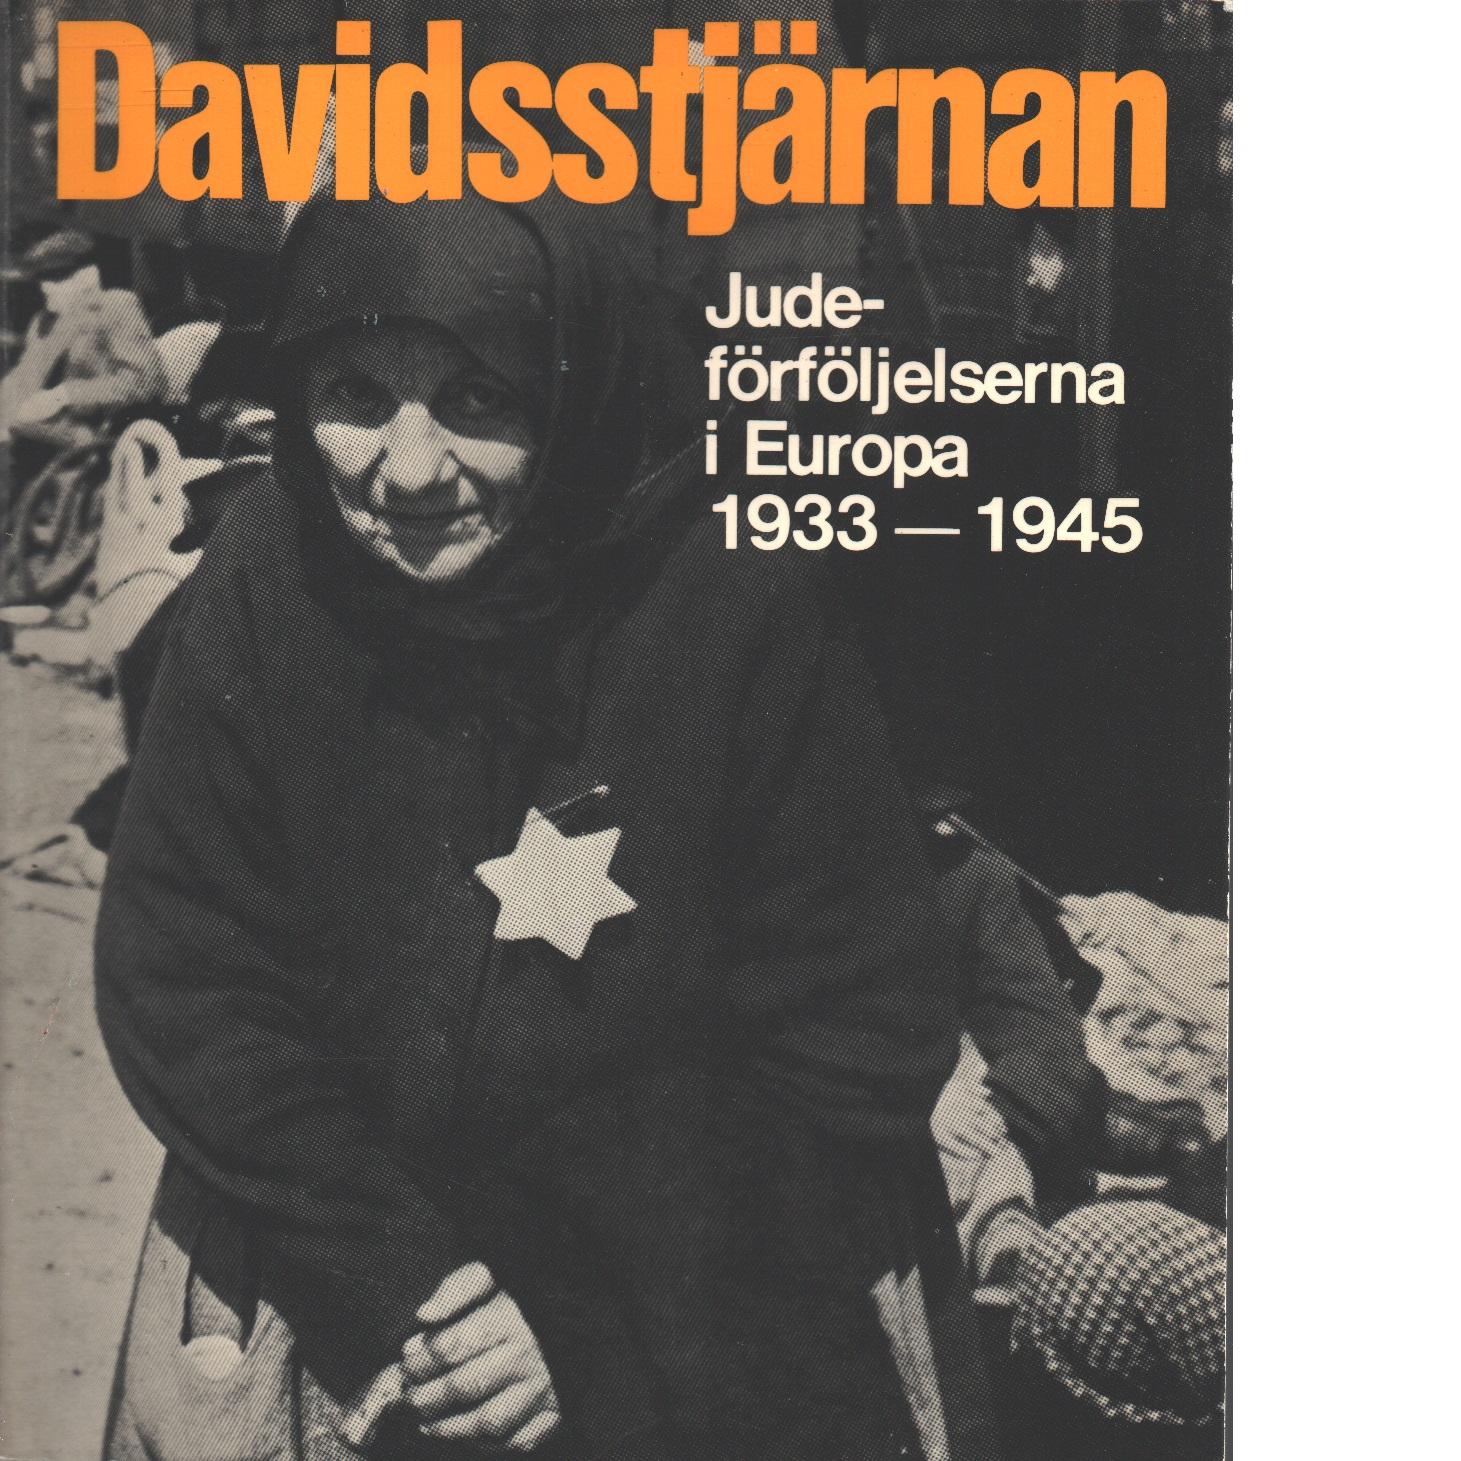 Davidsstjärnan : judeförföljelserna i Europa 1933 till 1945 - Schoenberner, Gerhard